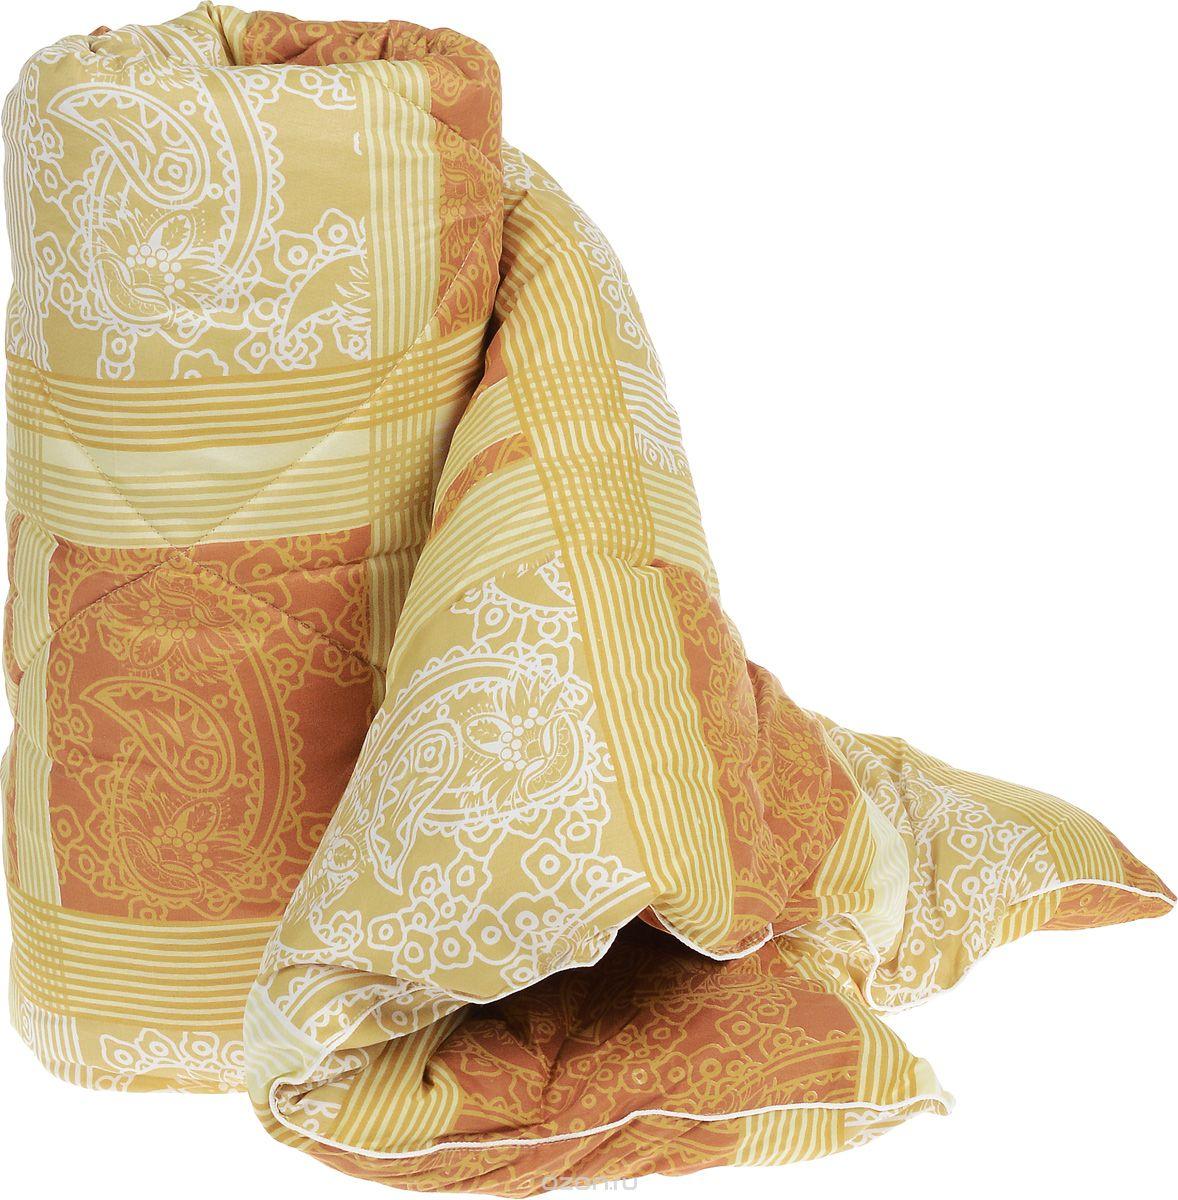 Одеяло теплое Легкие сны Золотое руно,наполнитель: овечья шерсть, цвет в ассортименте,140 x 205 см140(32)05-ОШПТеплое стеганое одеяло Легкие сны Золотое руно с наполнителем изовечьей шерсти расслабит, снимет усталость иподарит вам спокойный и здоровый сон.Шерстяные волокна, получаемые из овечьей шерсти, имеют полую структуру, придающуюизделиям высокую износоустойчивость. Чехол одеяла, выполненный из смесовой ткани отлично пропускает воздух, создавая эффектсухого тепла. Одеяло простегано. Стежка надежноудерживает наполнитель внутри и не позволяет емускатываться.Рекомендации по уходу: Отбеливание, стирка, барабанная сушка и глажка запрещены. Разрешается химчистка. Уважаемые клиенты!Товар поставляется в цветовом ассортименте. Поставка осуществляется в зависимости от наличия на складе.